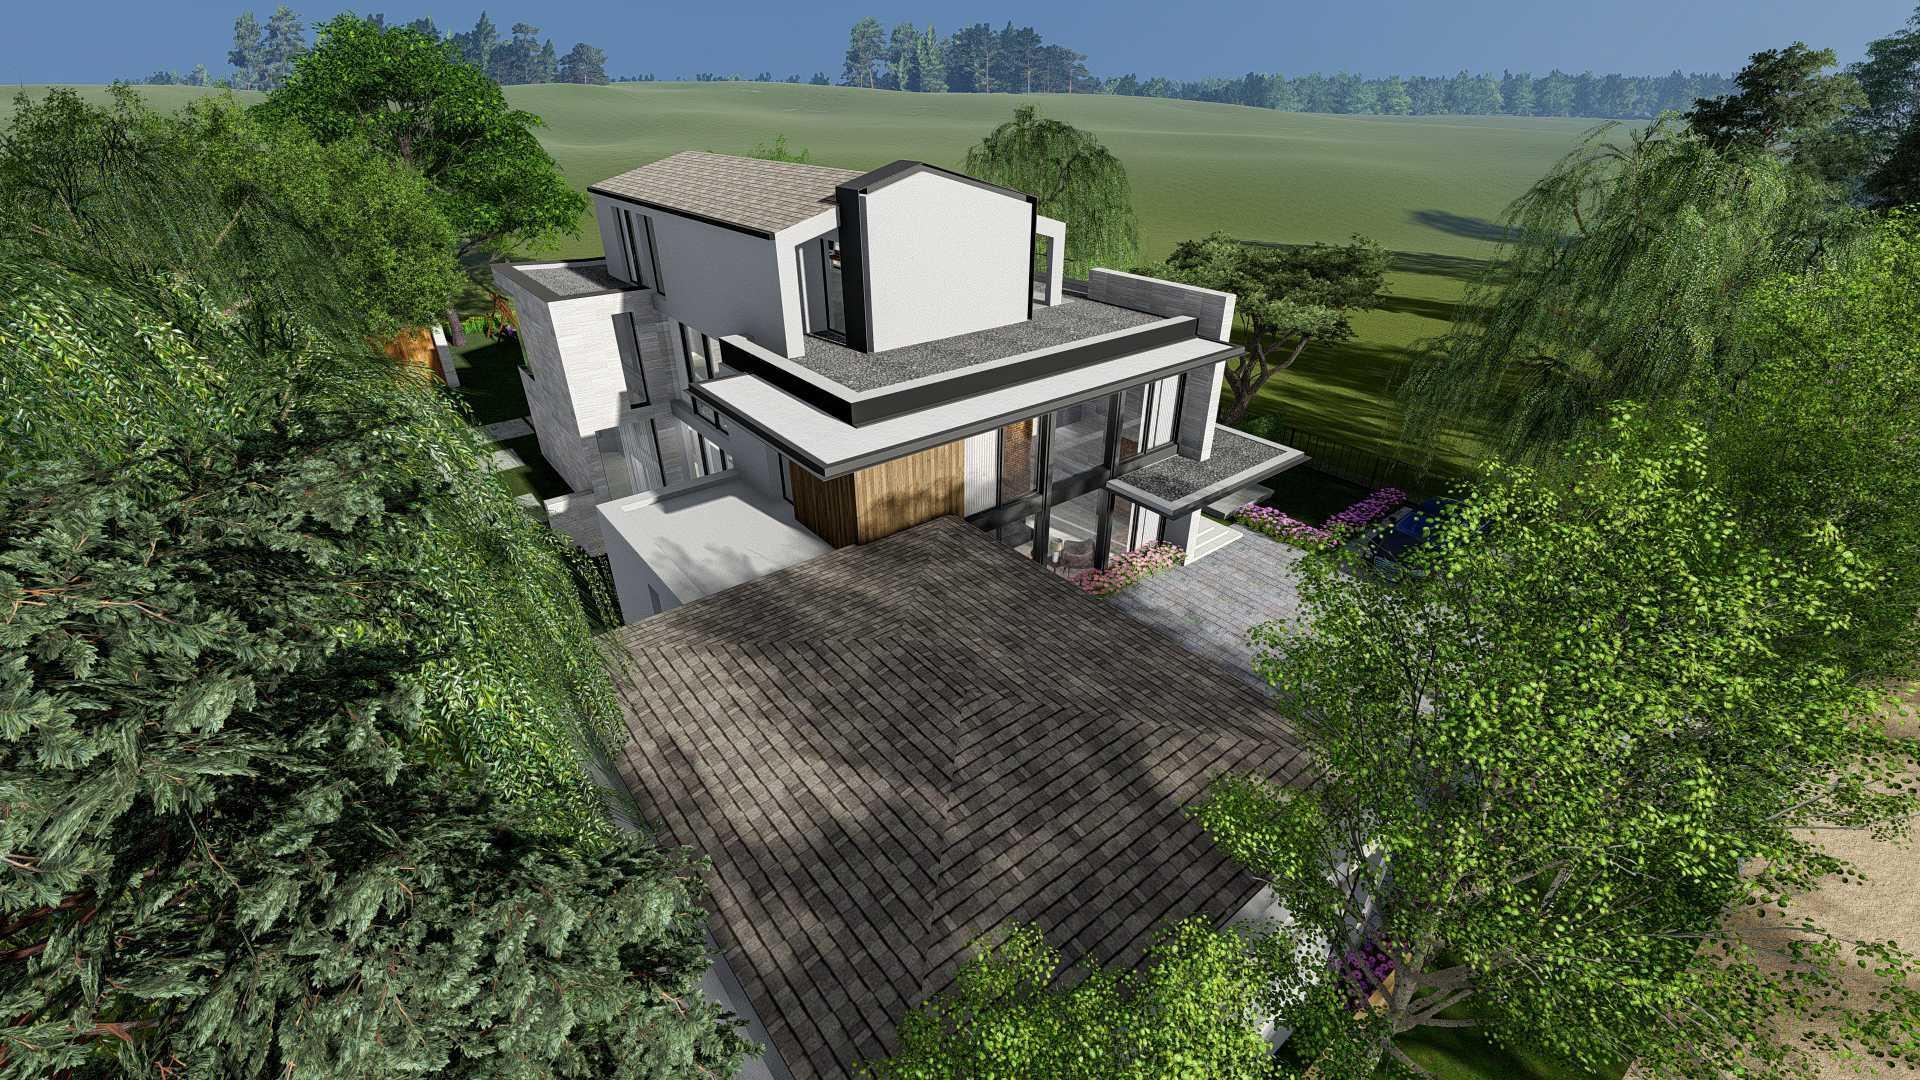 Bral Architect Alpen House In Germany 46519 Alpen, Jerman 46519 Alpen, Jerman Bral-Architect-Alpen-House-In-Germany  99888